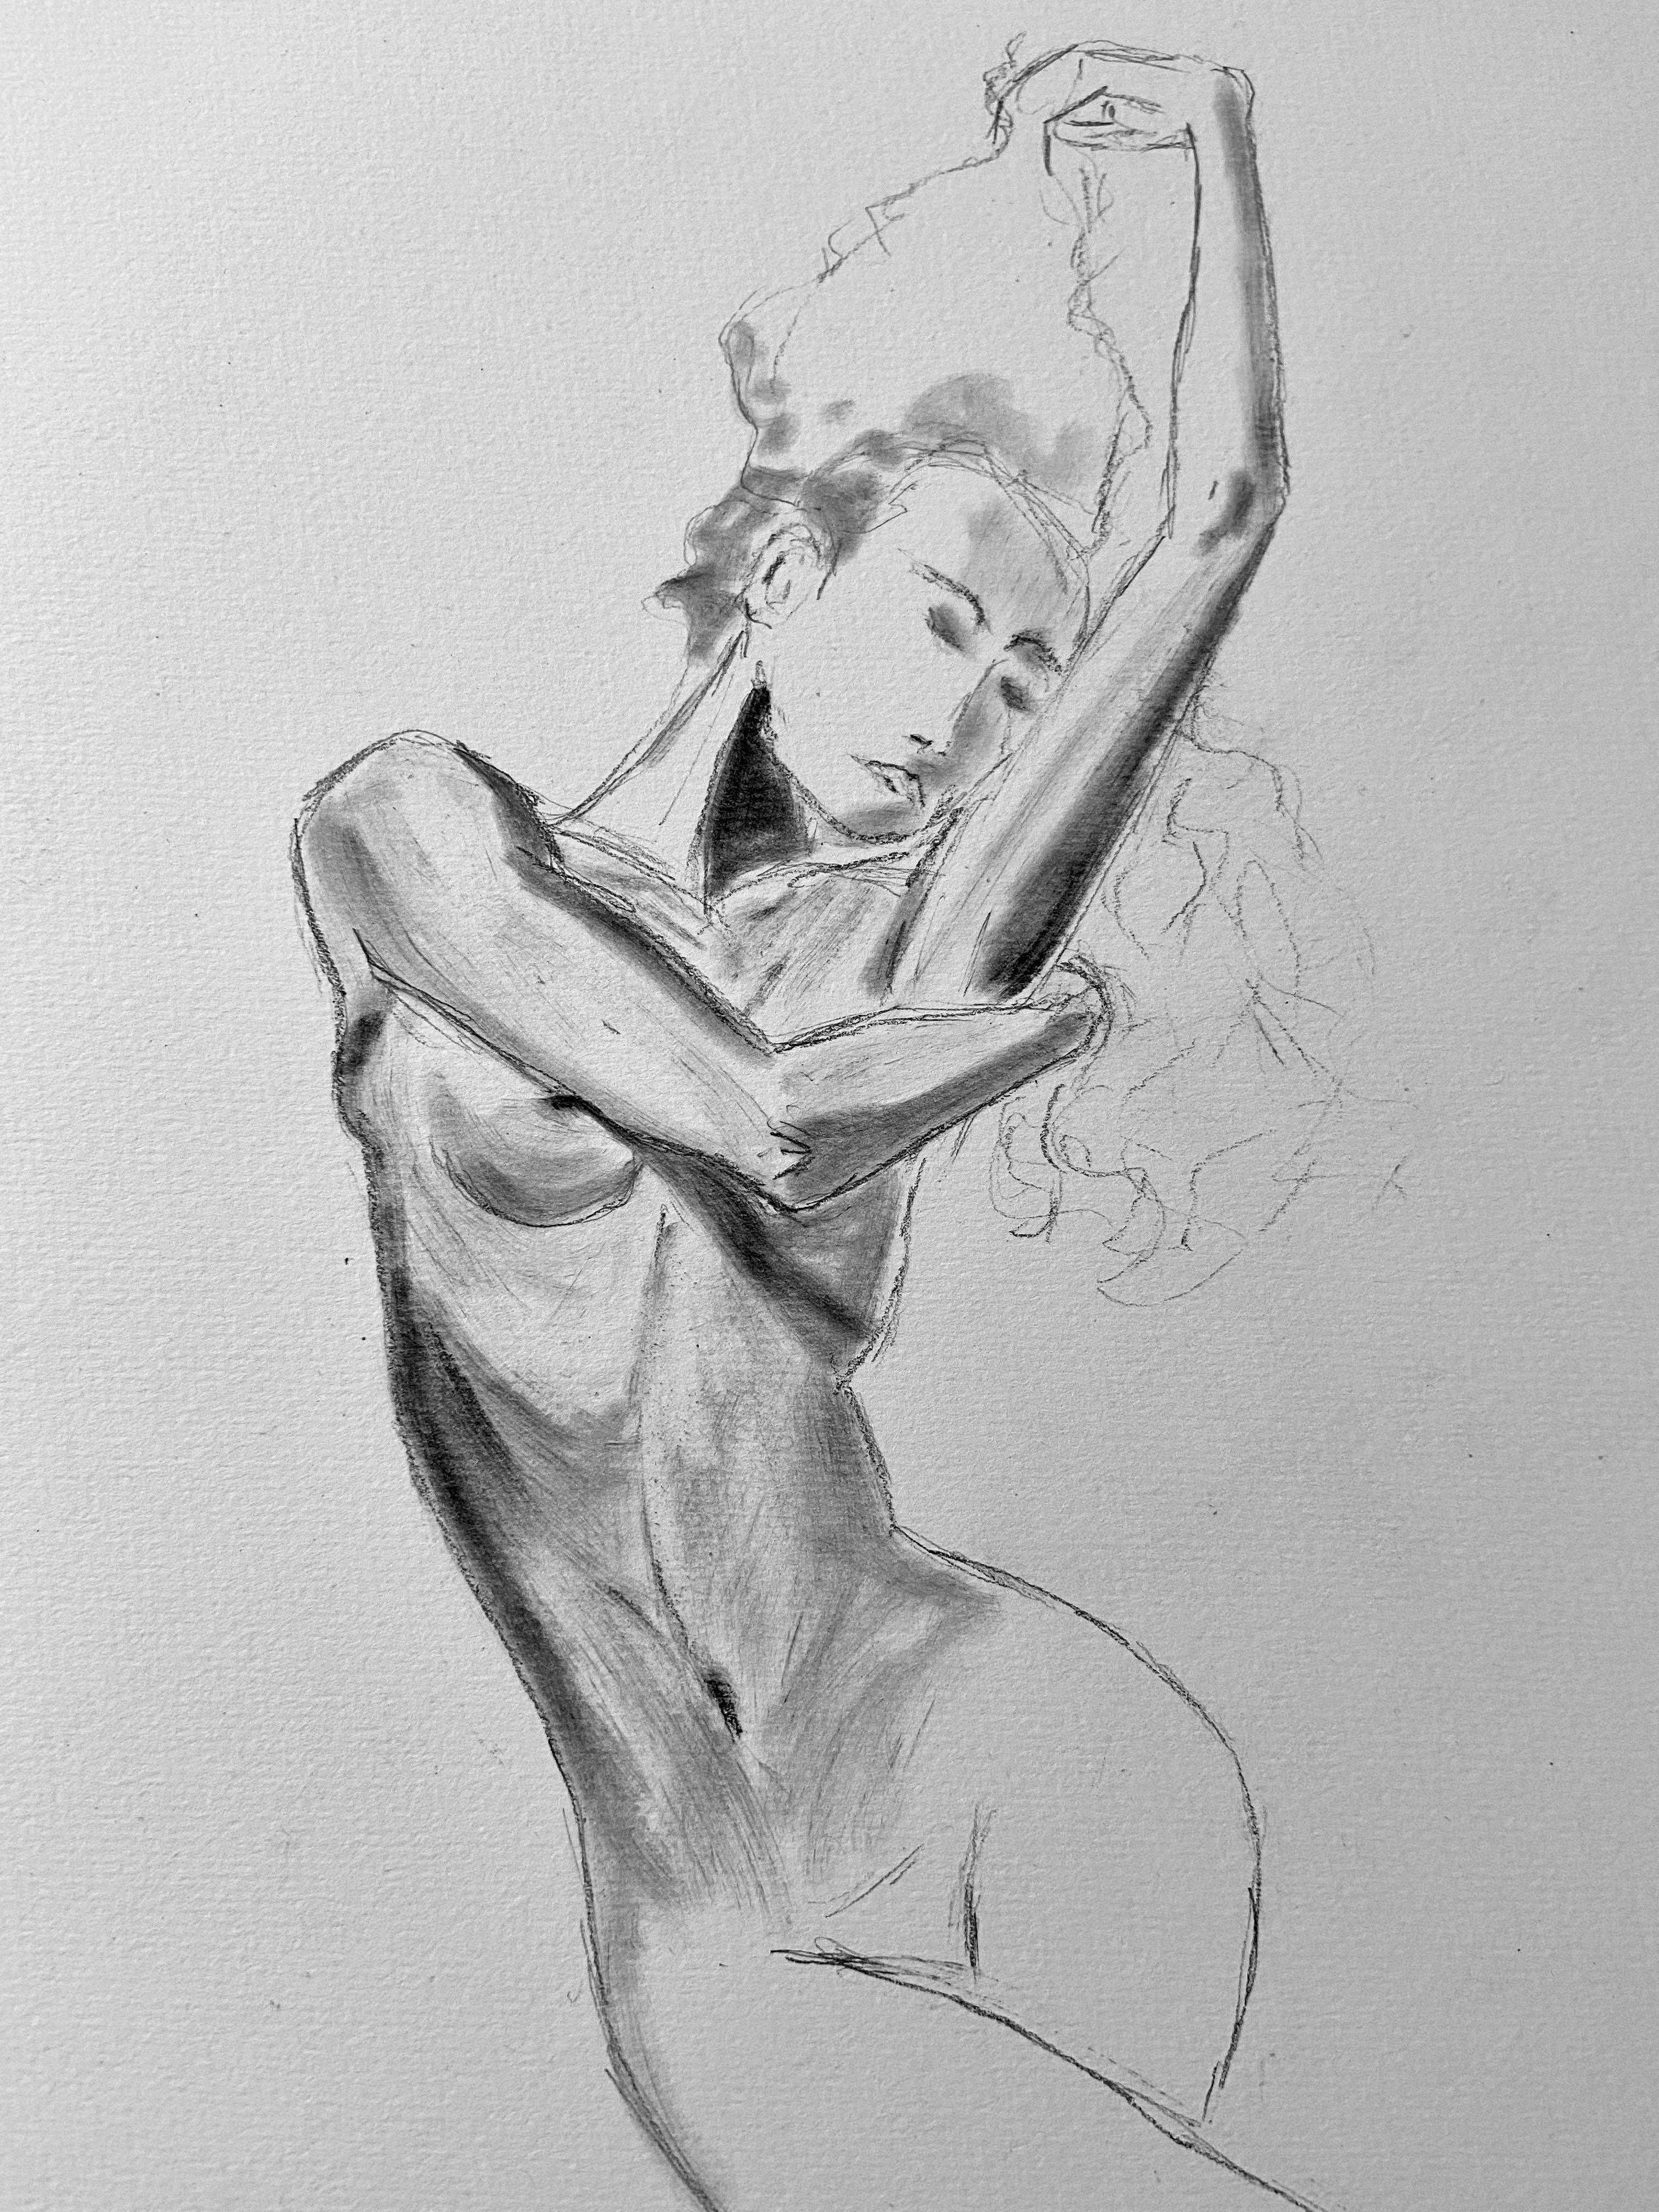 Esquisse à l'estompe buste de femme avec déhanché réalisé dans nos cours de dessin à Paris  cours de dessin